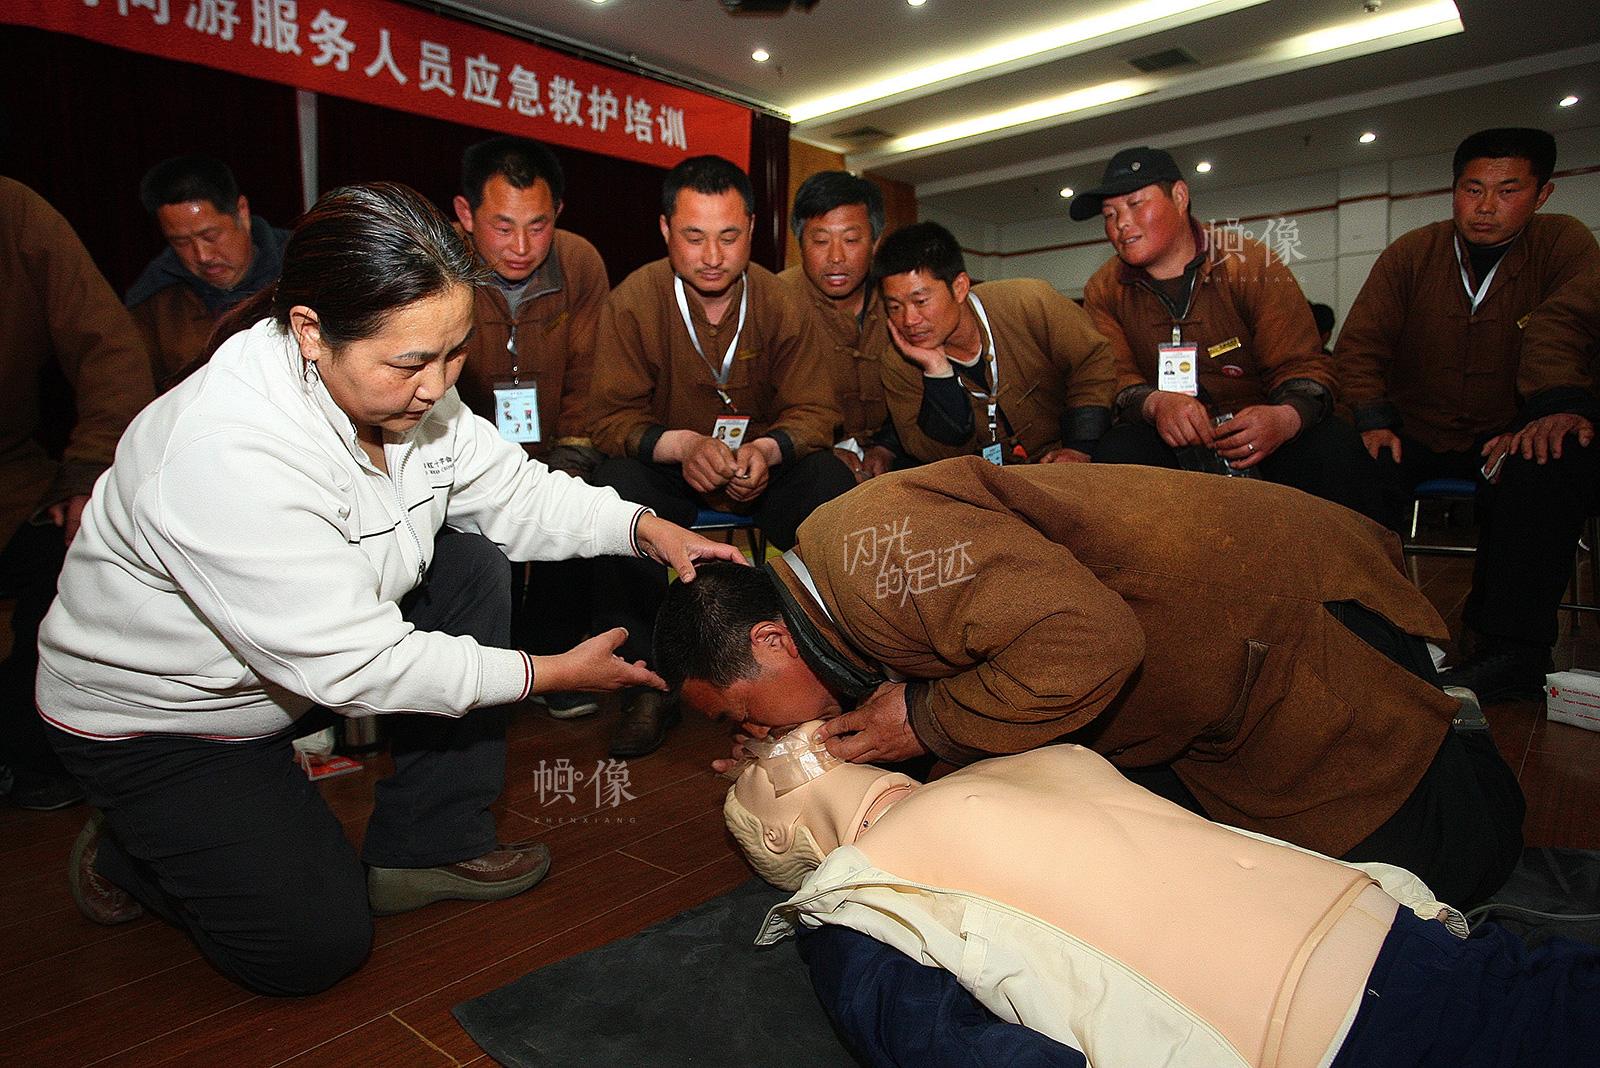 北京市西城区红十字会对旅游服务行业人员进行应急救护培训。(北京市西城区红十字会供图)